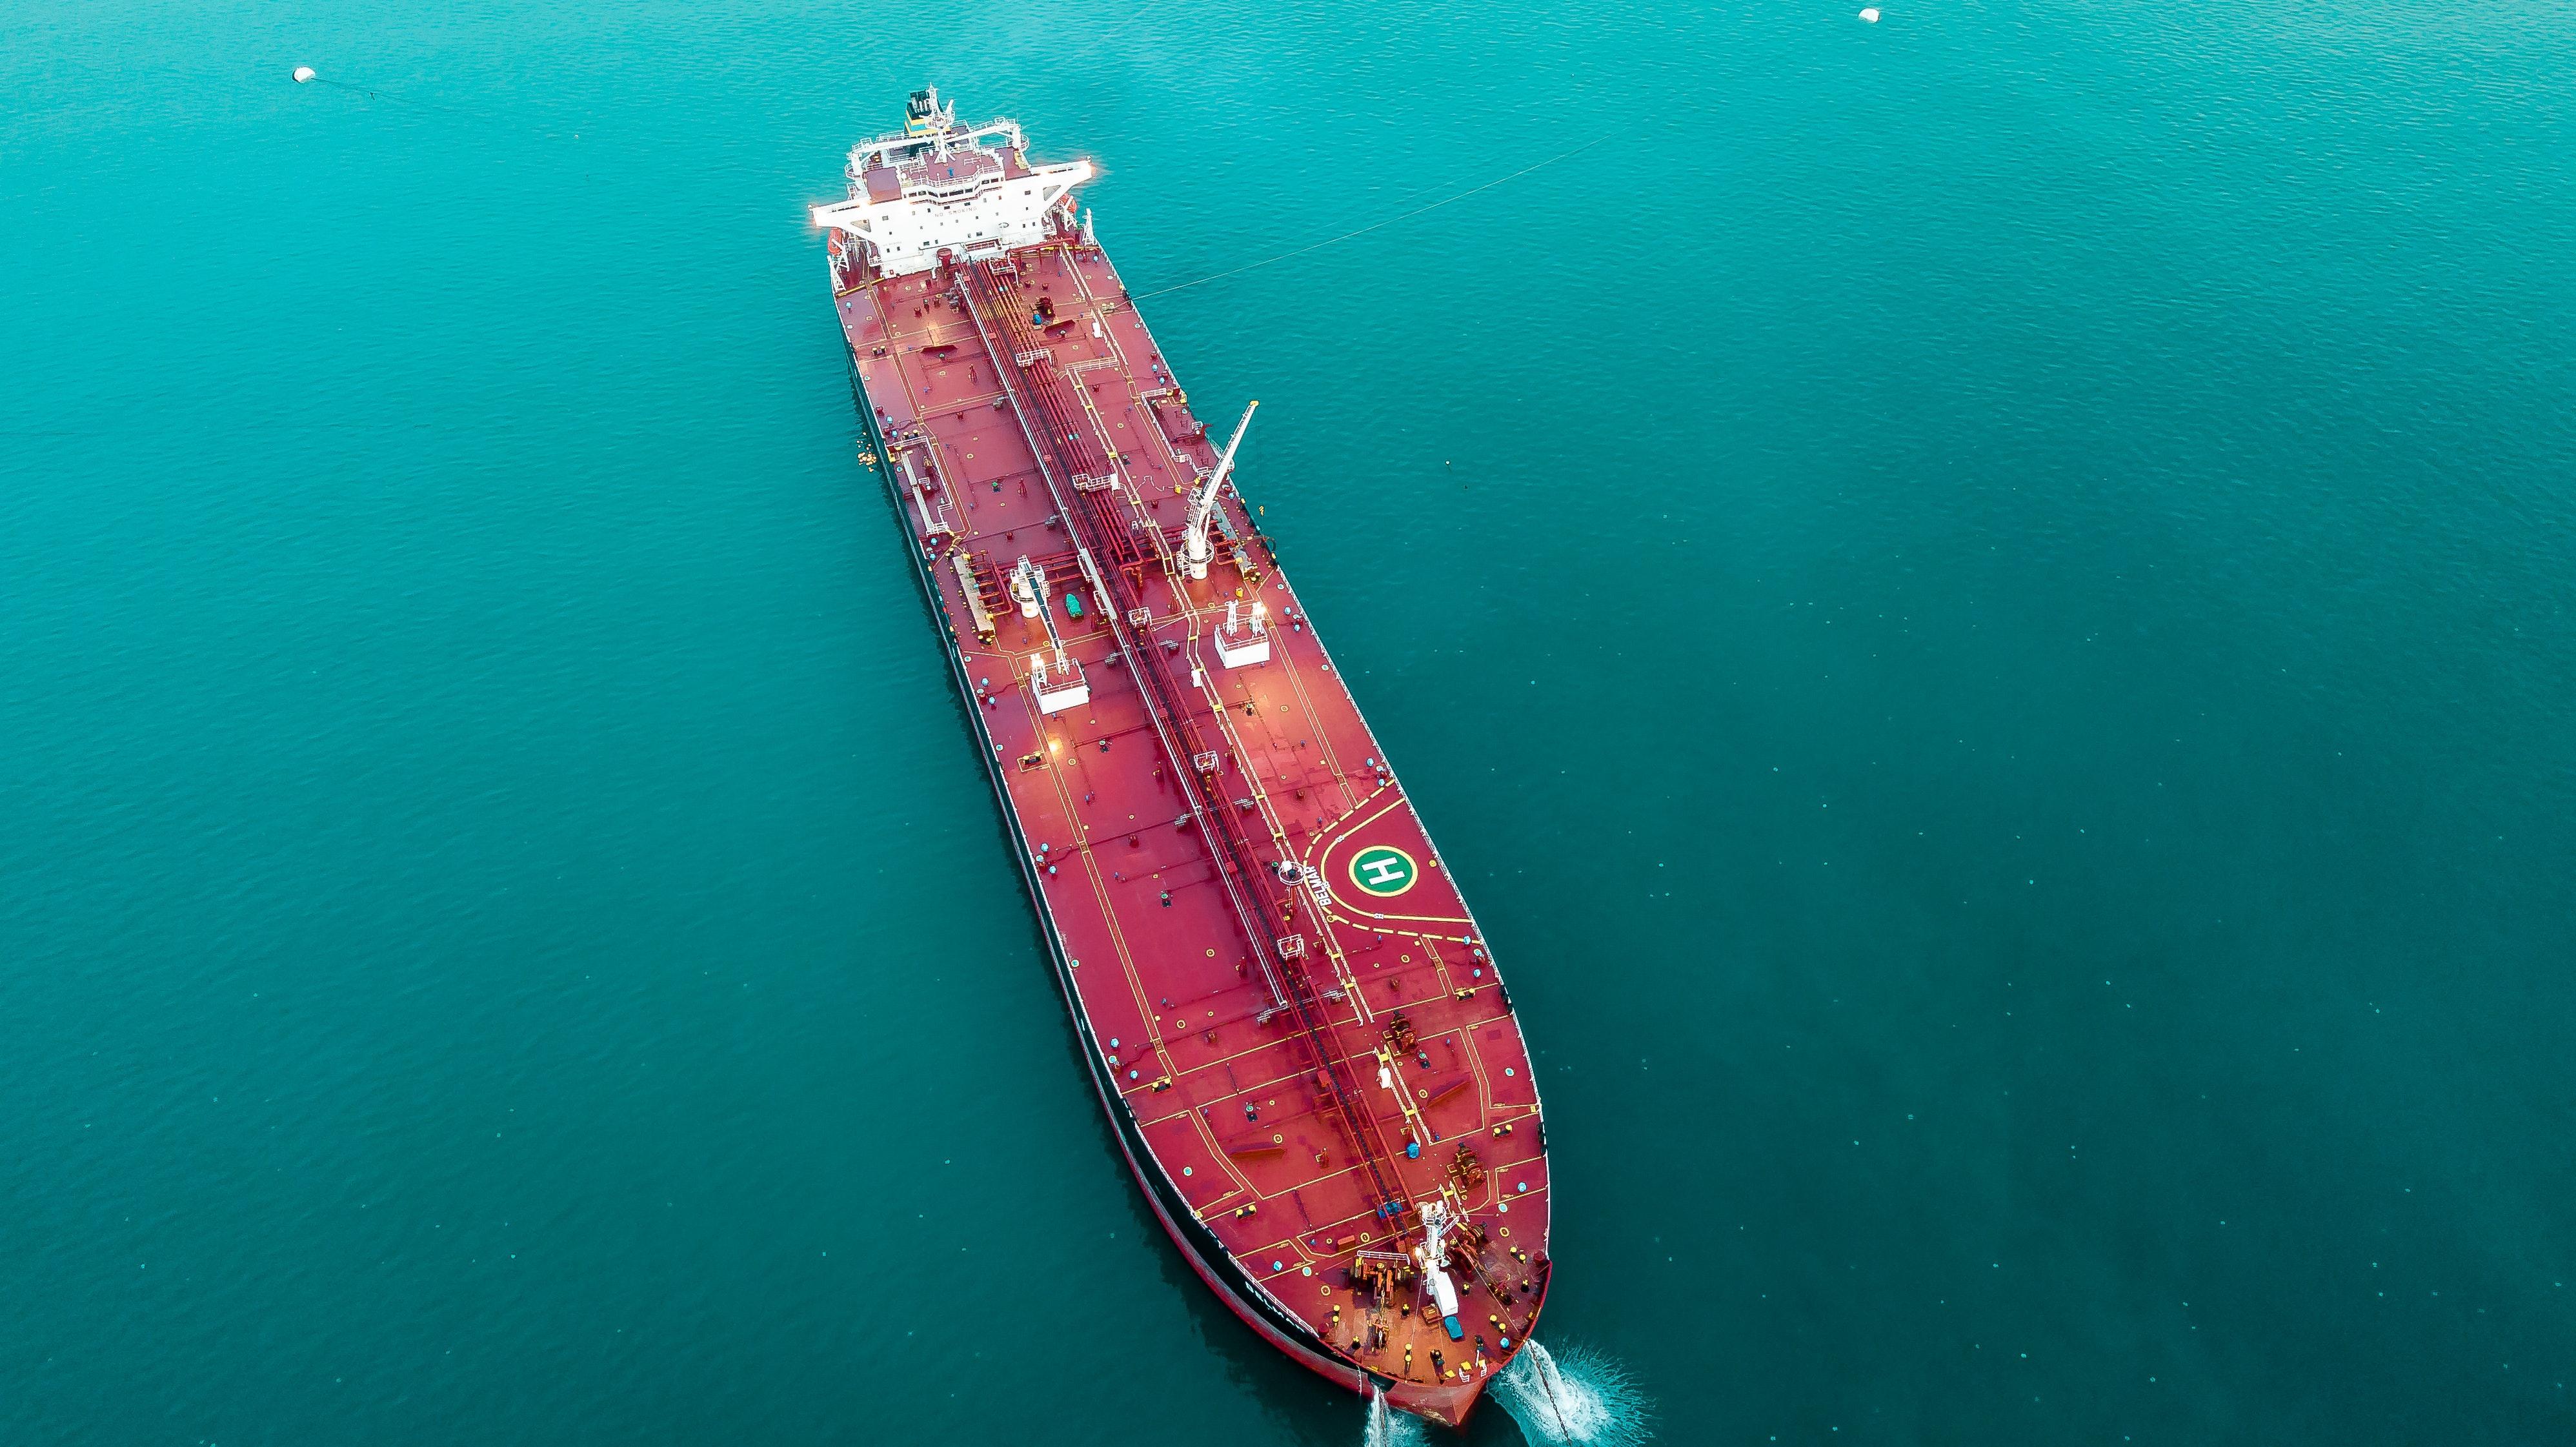 Carrgo ship ocean